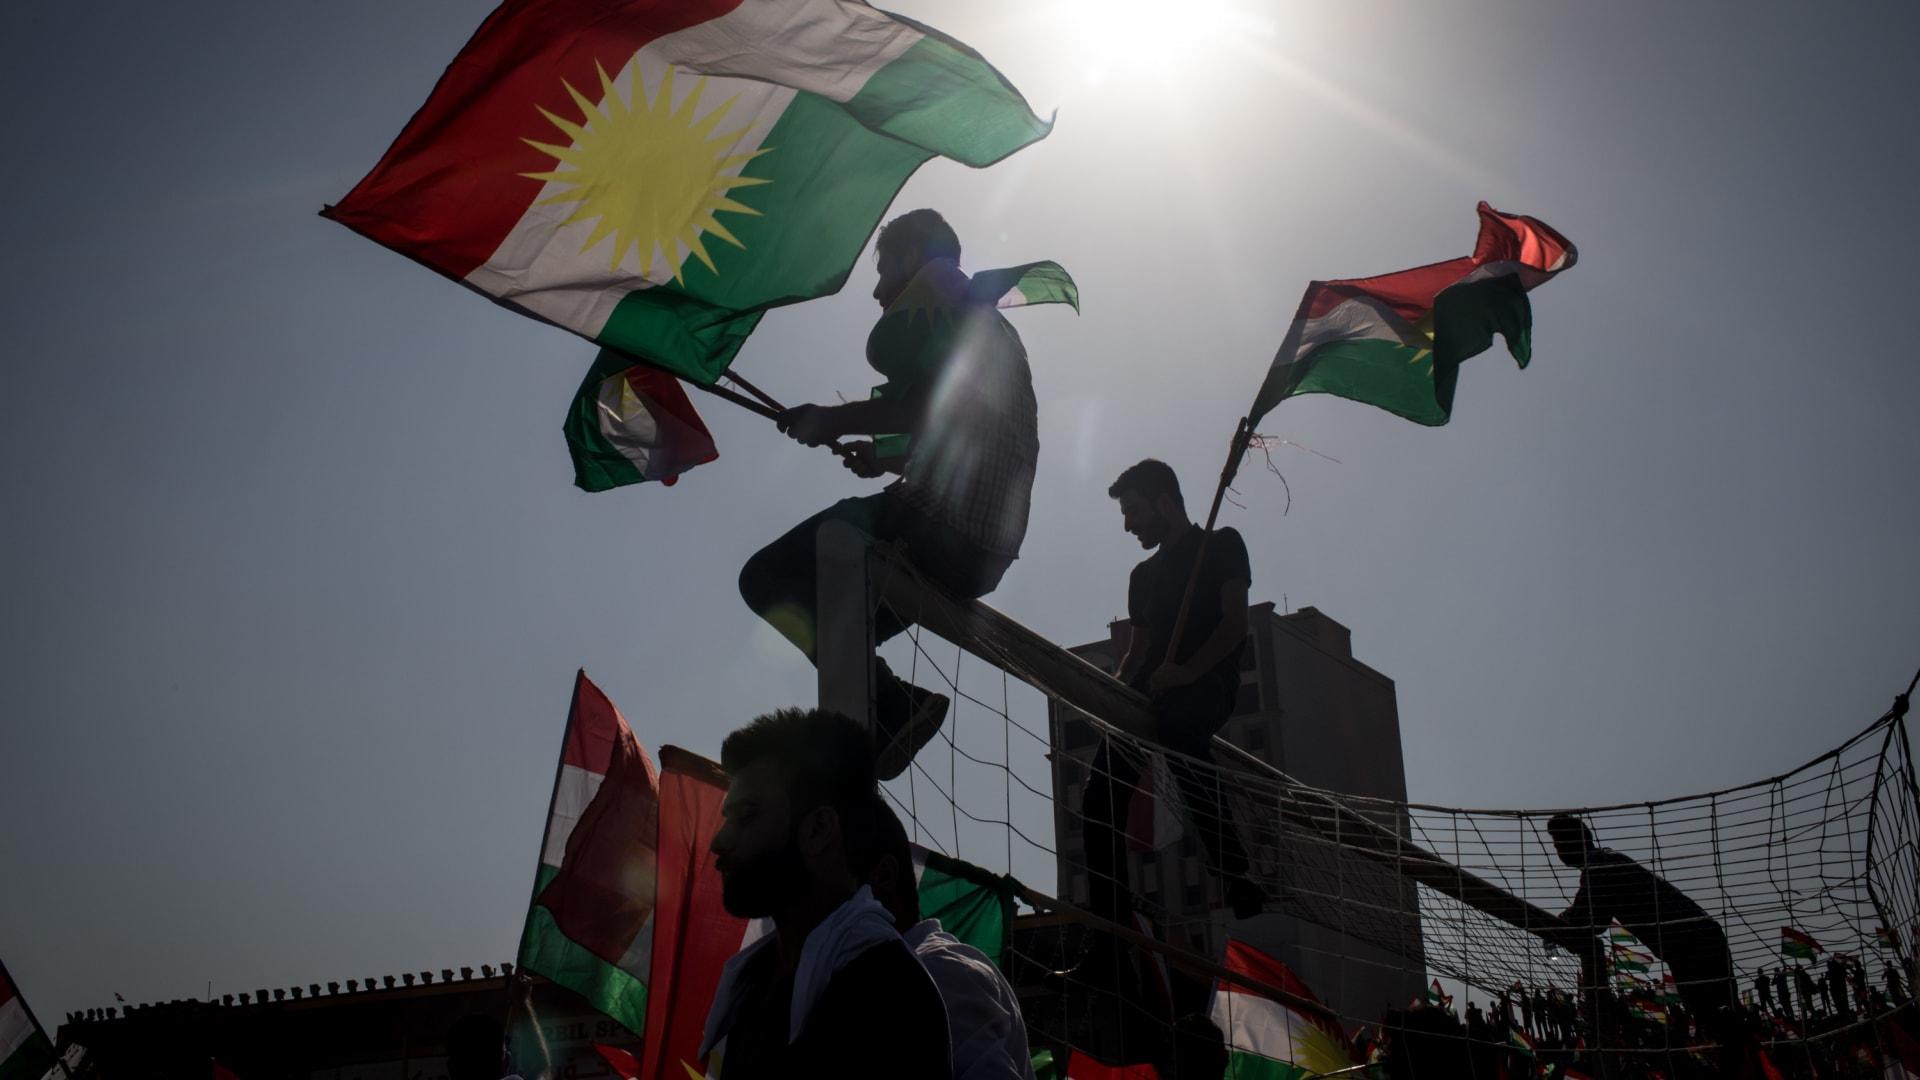 تركيا حول استفتاء كردستان: سيكون له ثمن.. وإسرائيل الدولة الوحيدة التي تدعمه